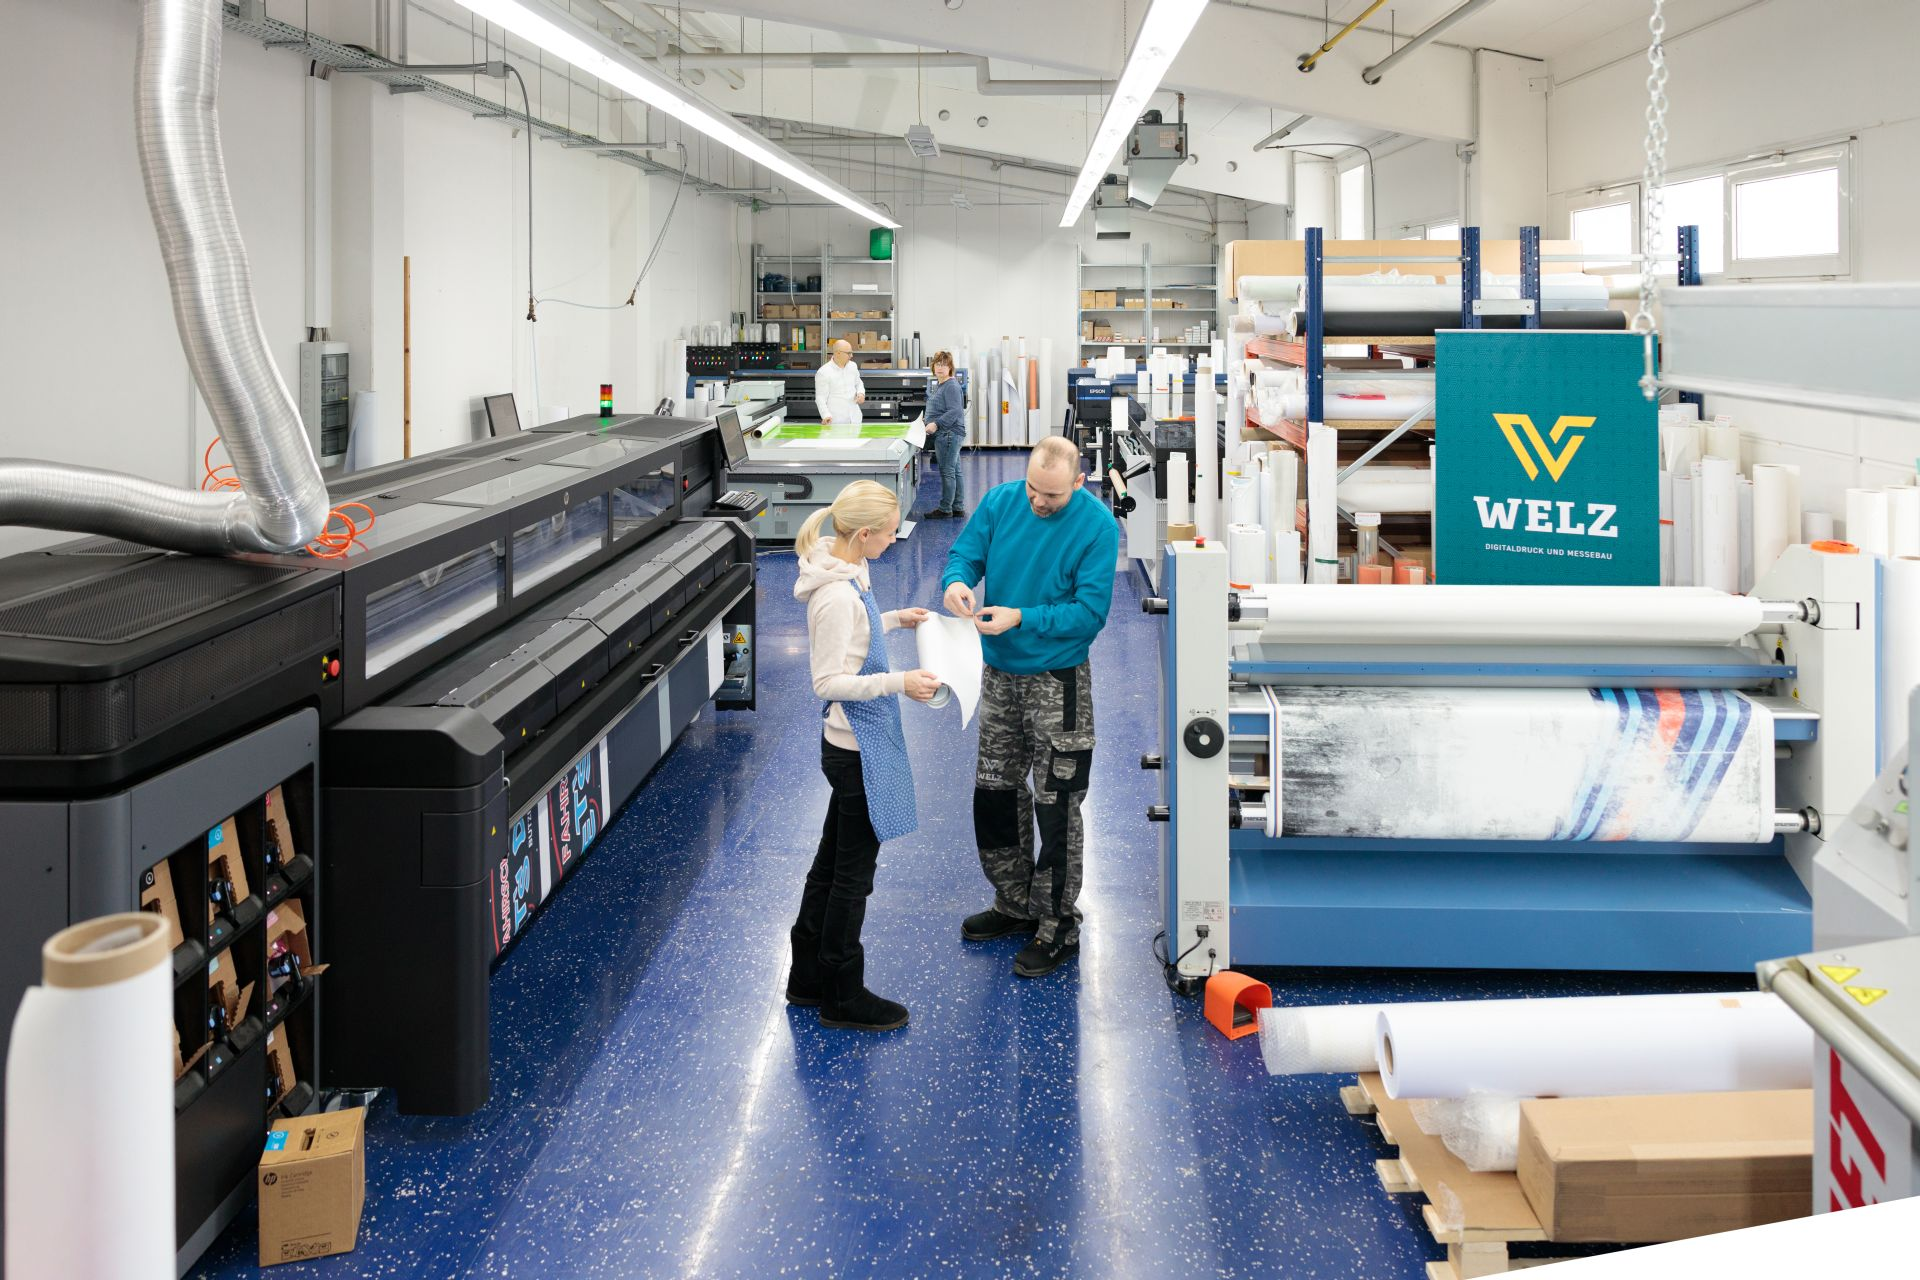 Drucksaal, Druckhalle bei WELZ Digitaldruck